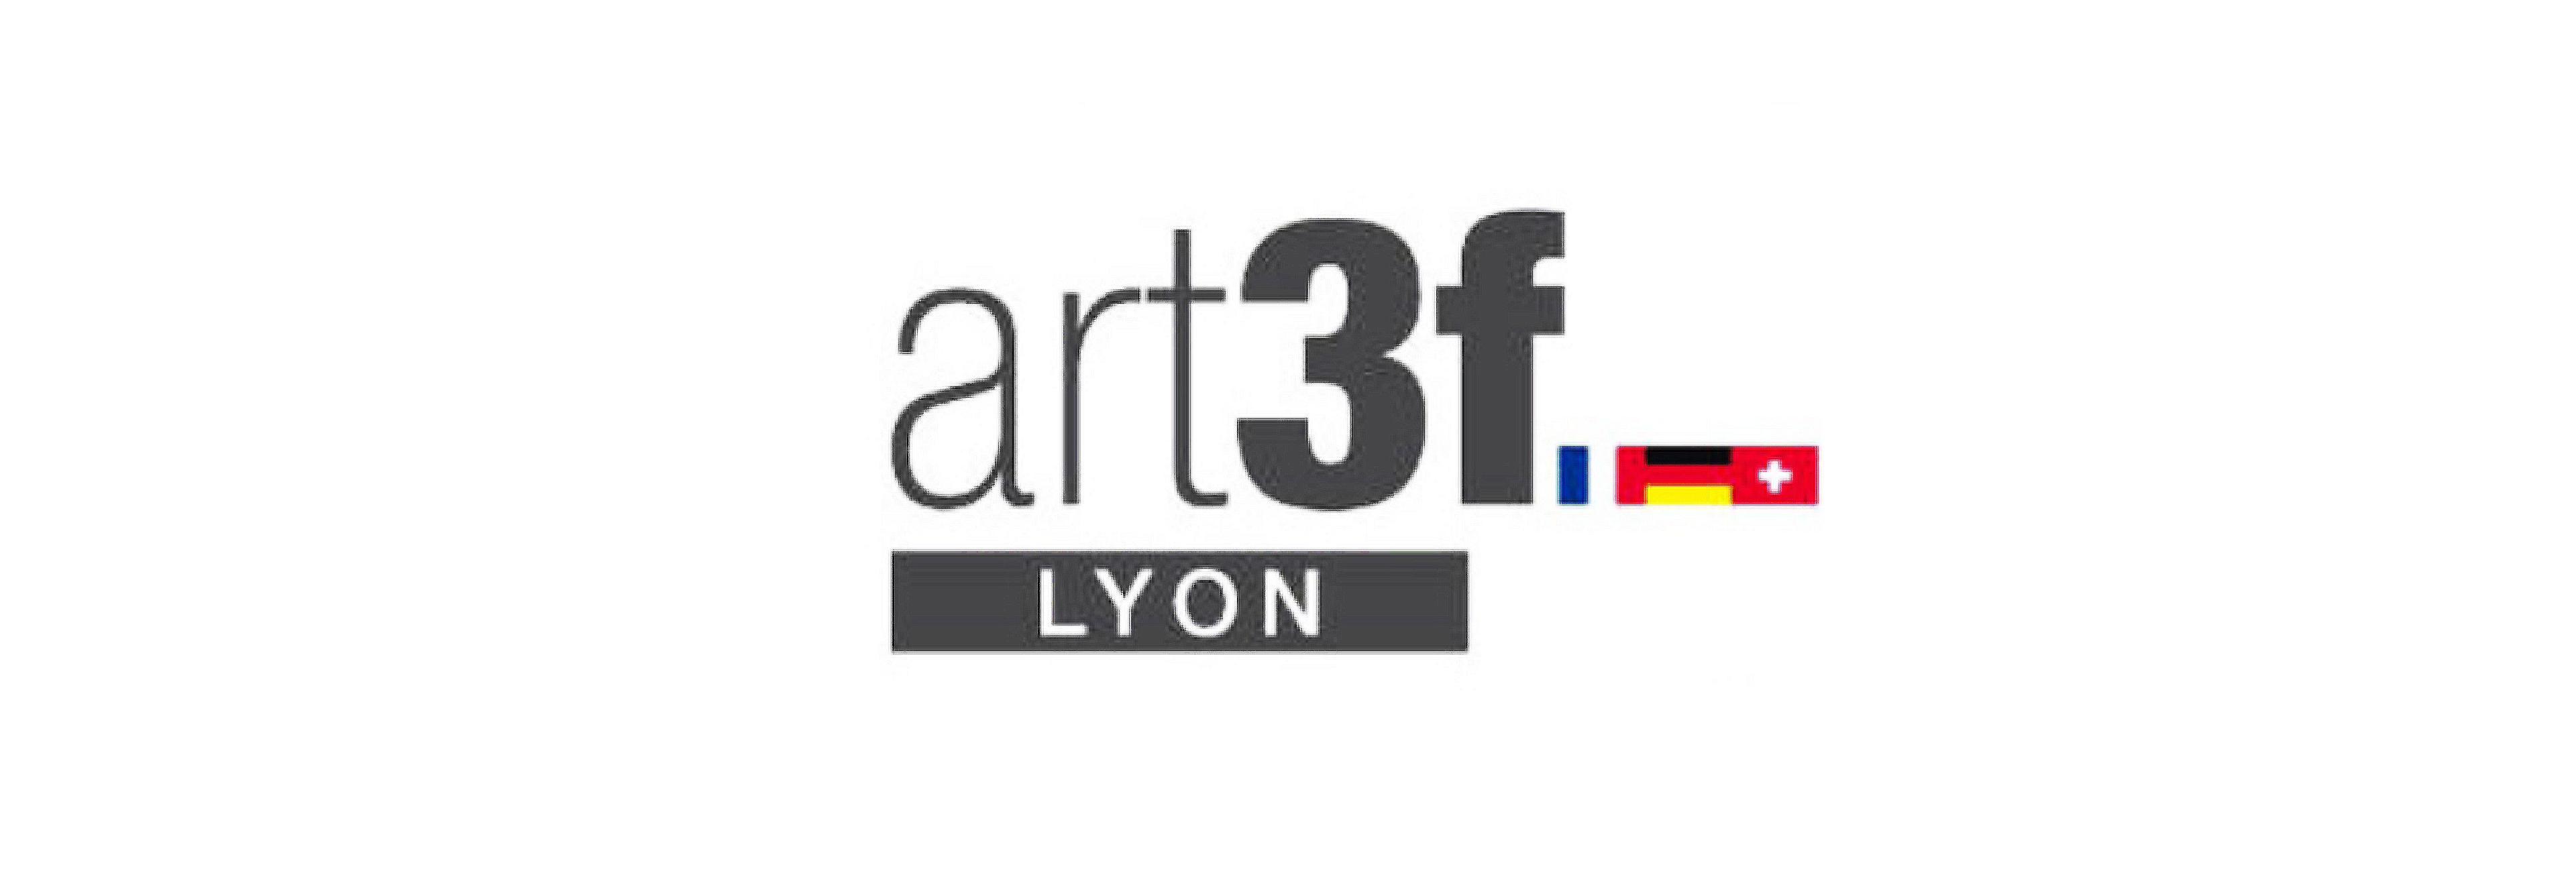 ART 3F – LYON